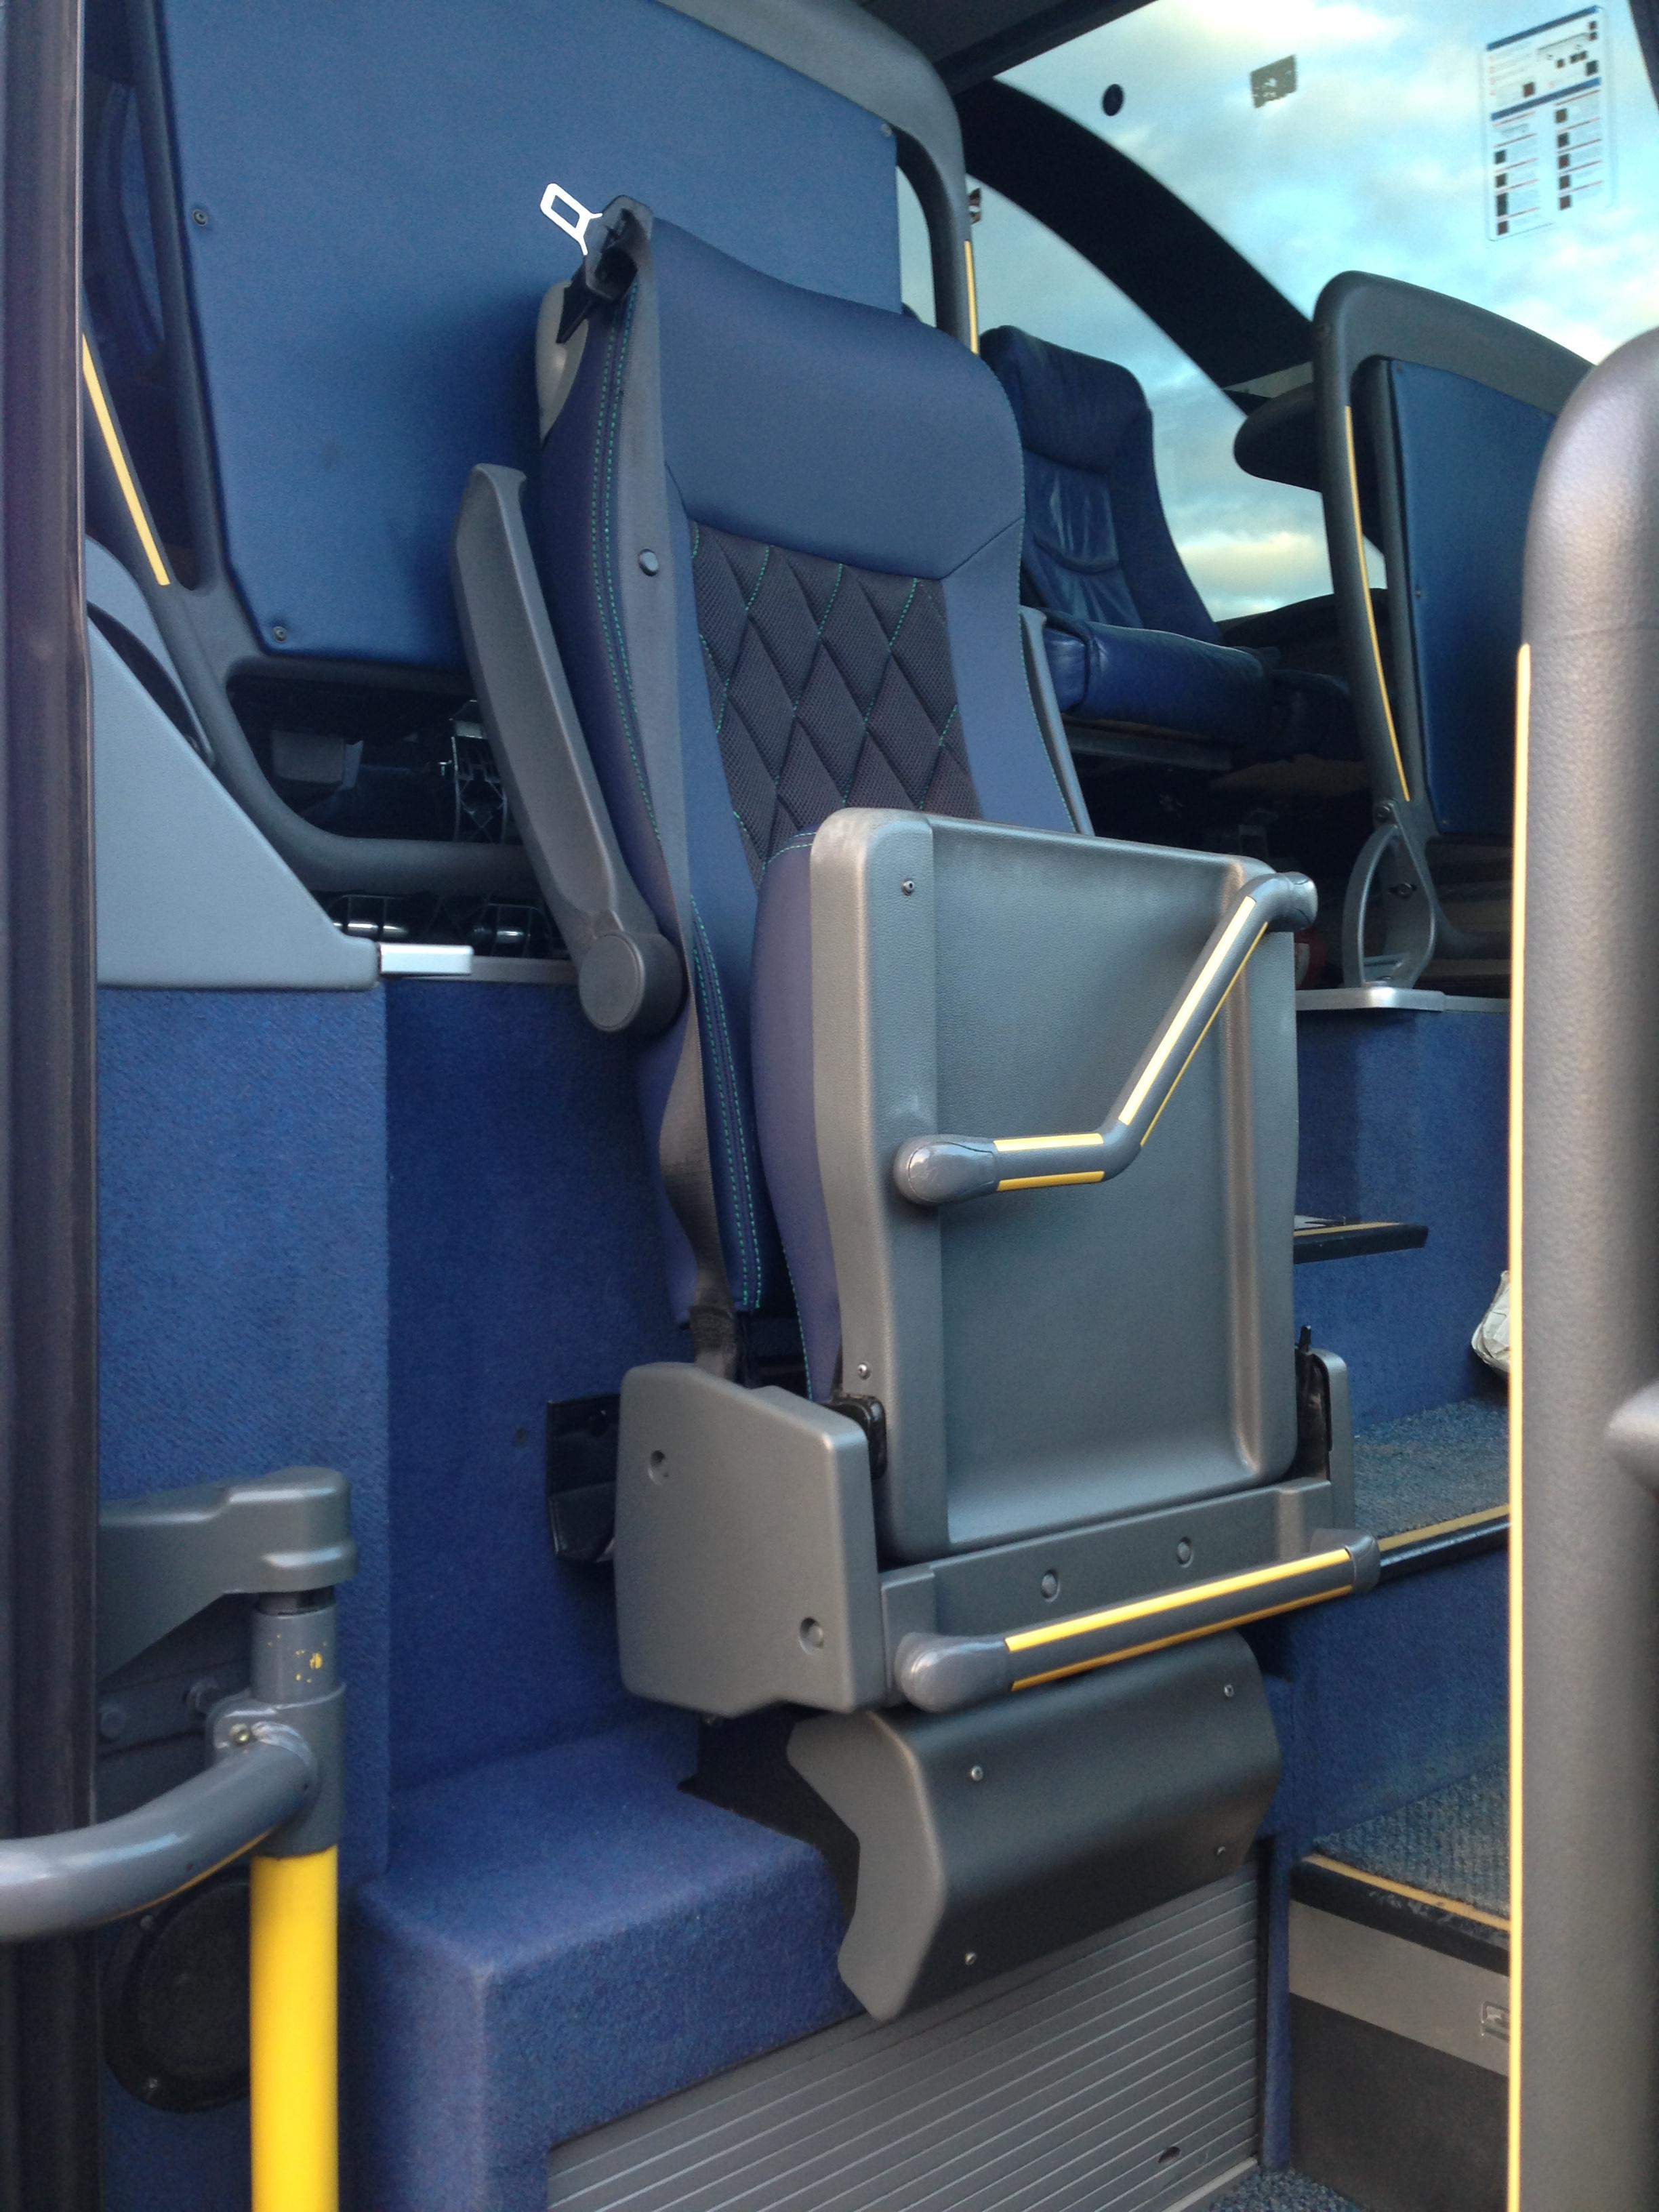 comprar-bus-setra-s-417-hdh-14-metros-7